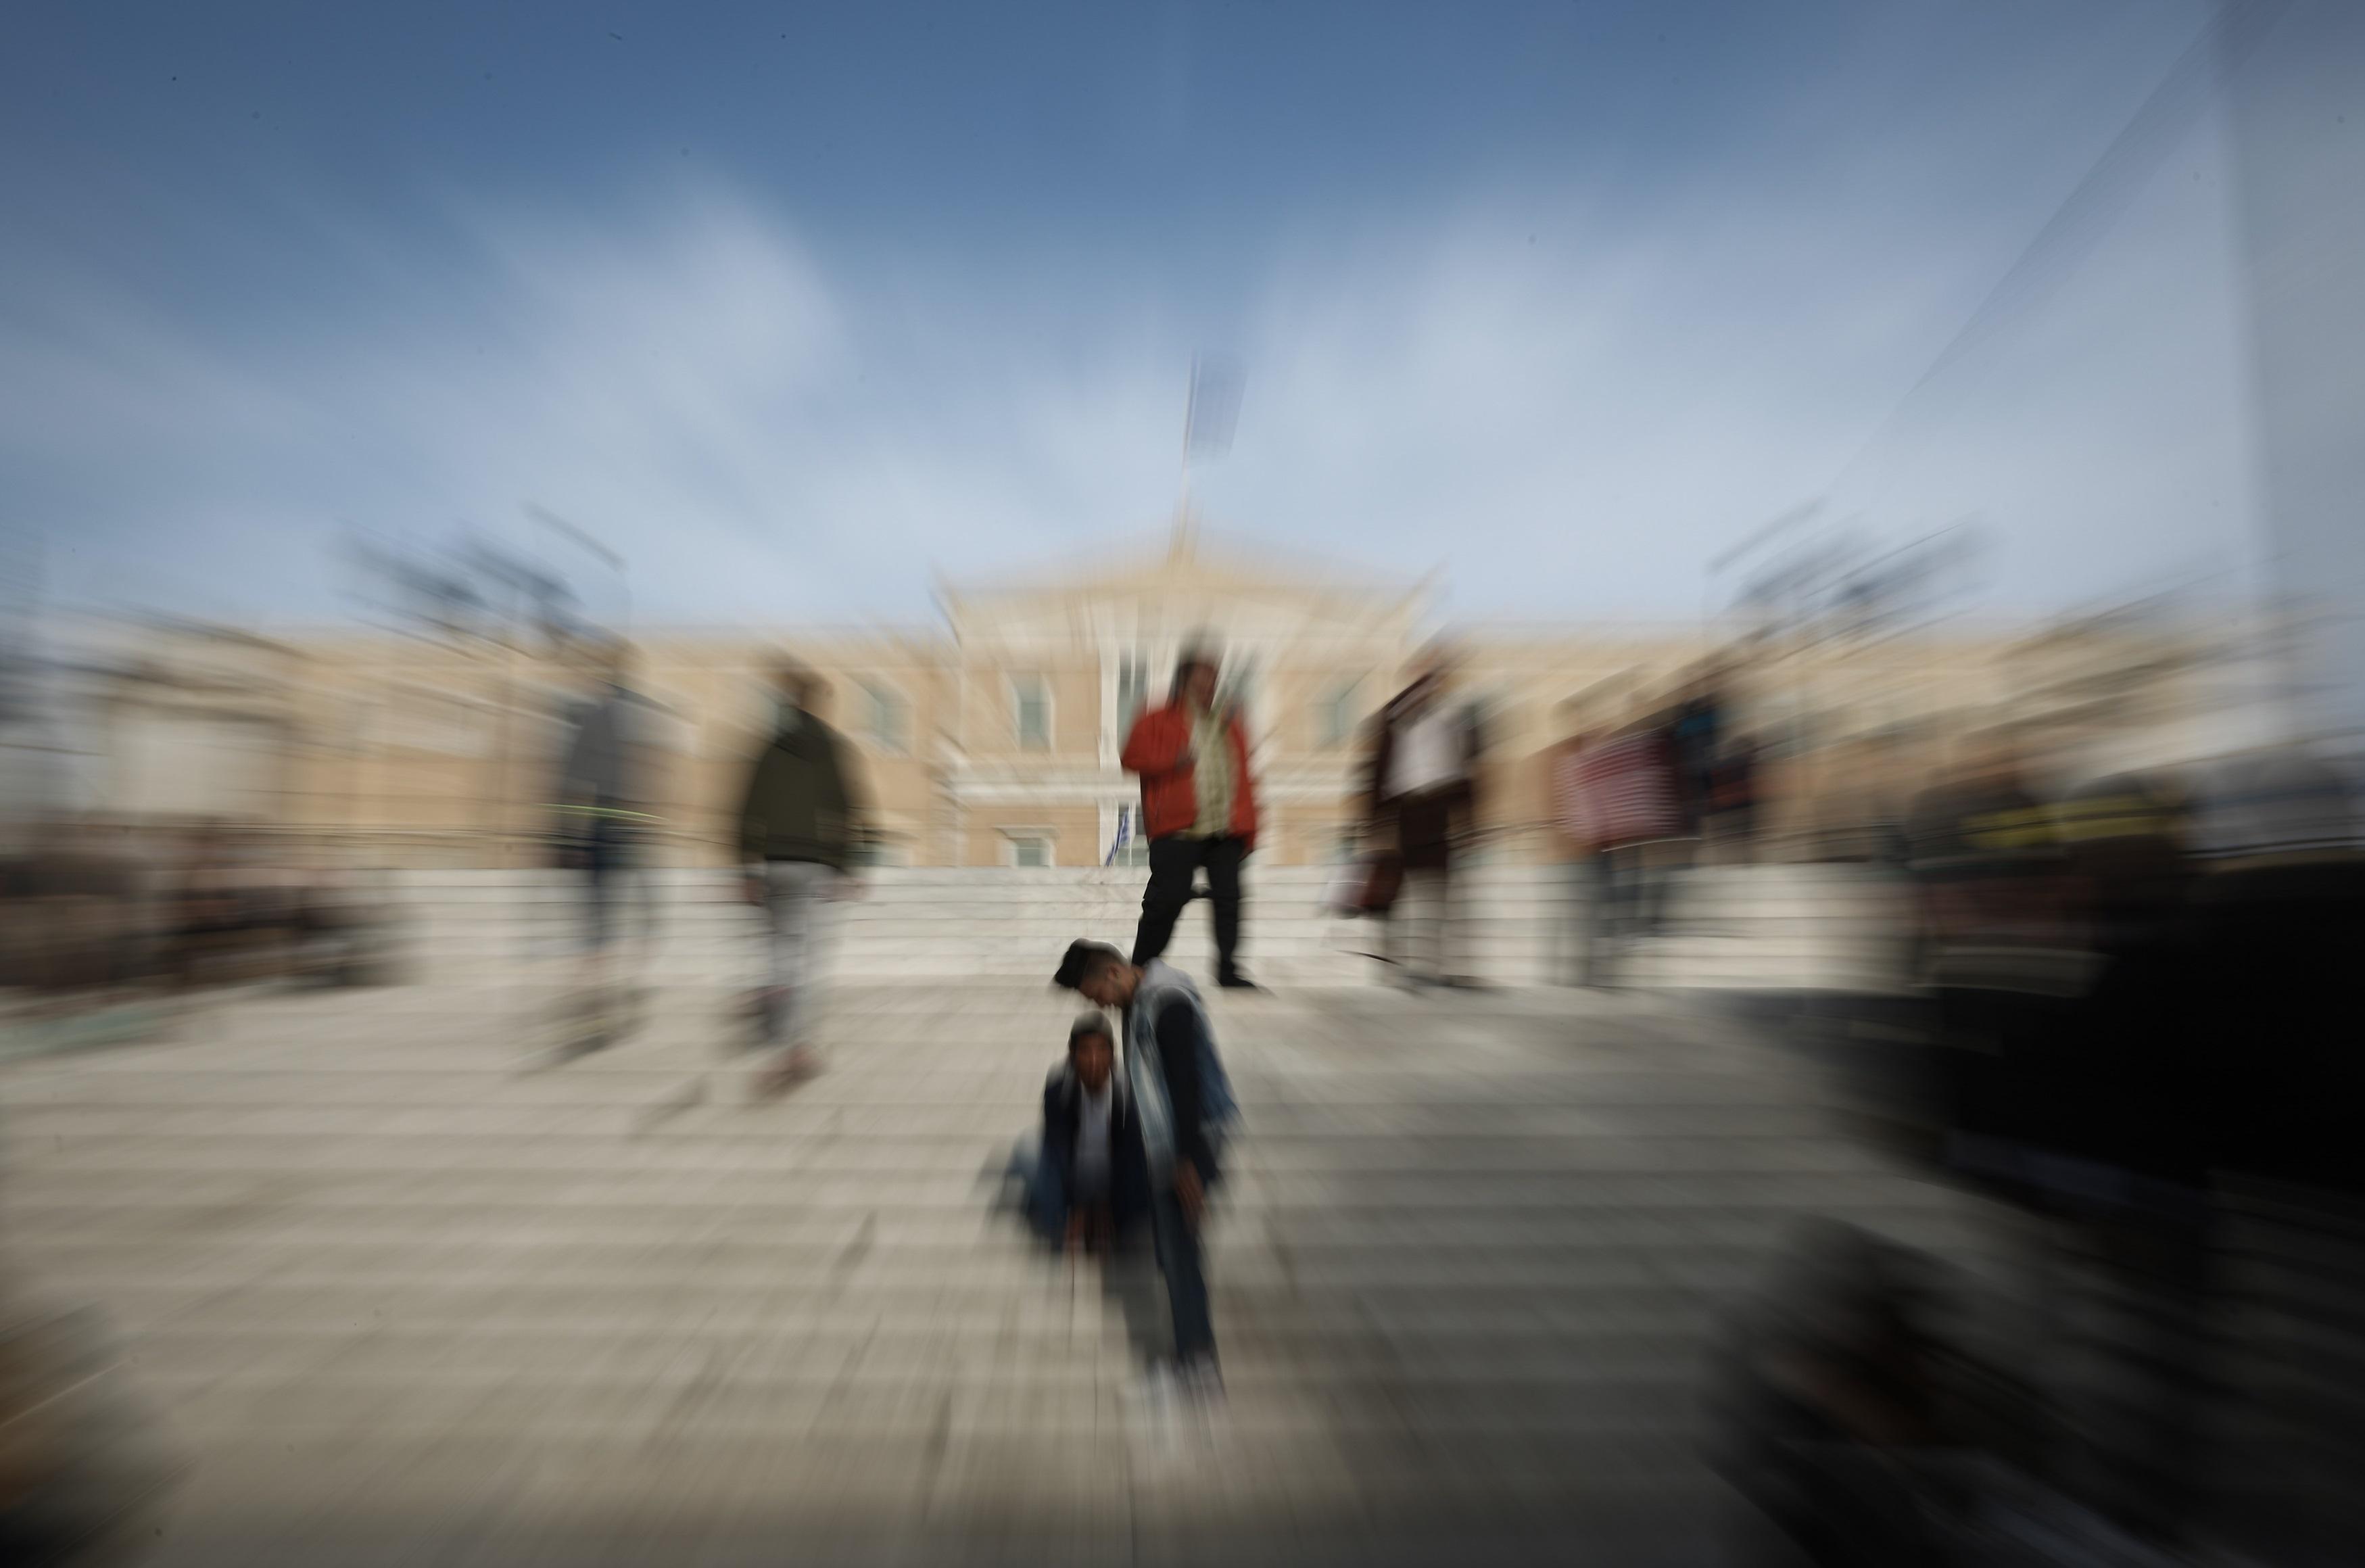 Στο 17% μειώθηκε η ανεργία στην Ελλάδα τον Ιούνιο - Πρωταθλητές... Ευρώπης τα Ελληνόπουλα!